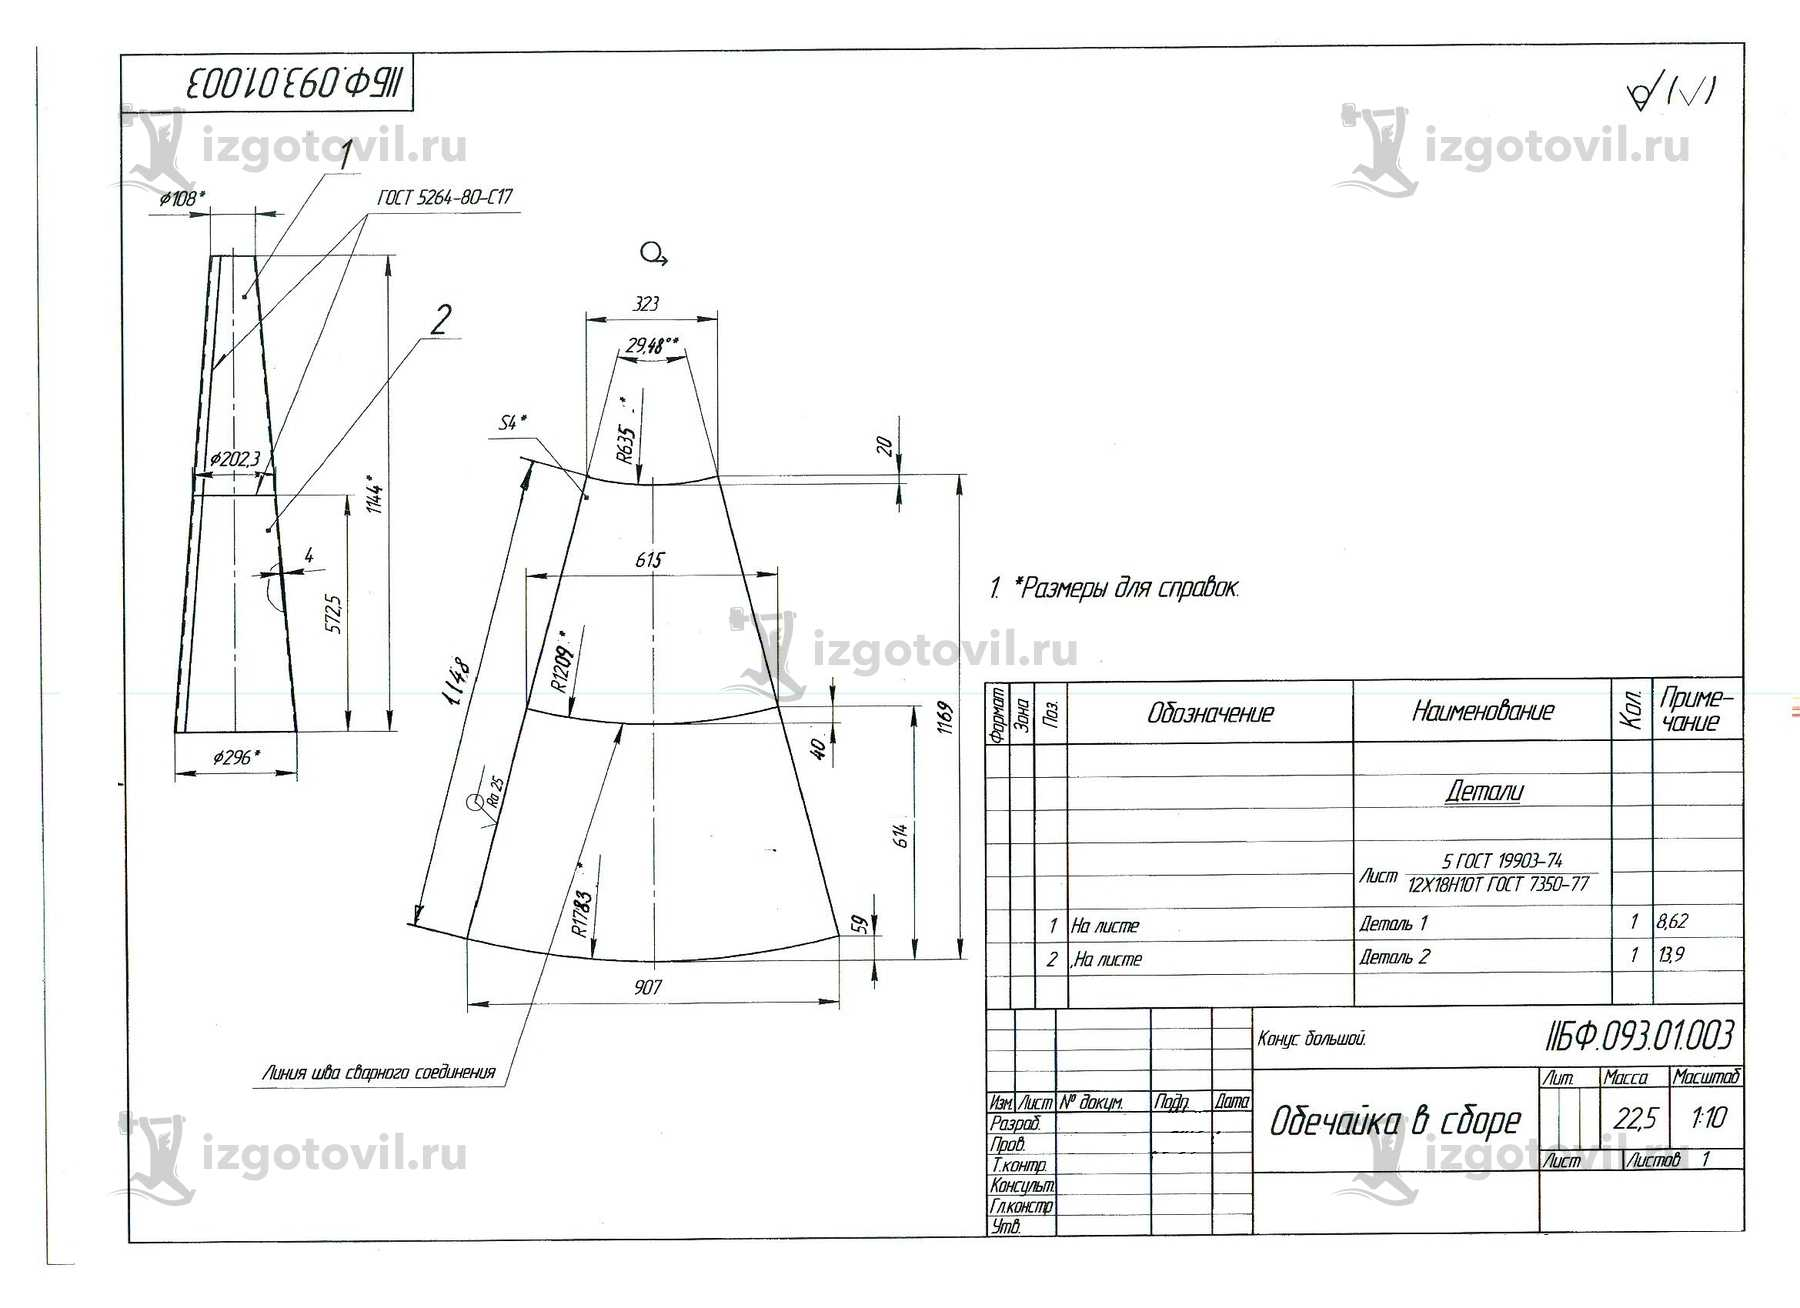 Металлообработка: изготовление конуса